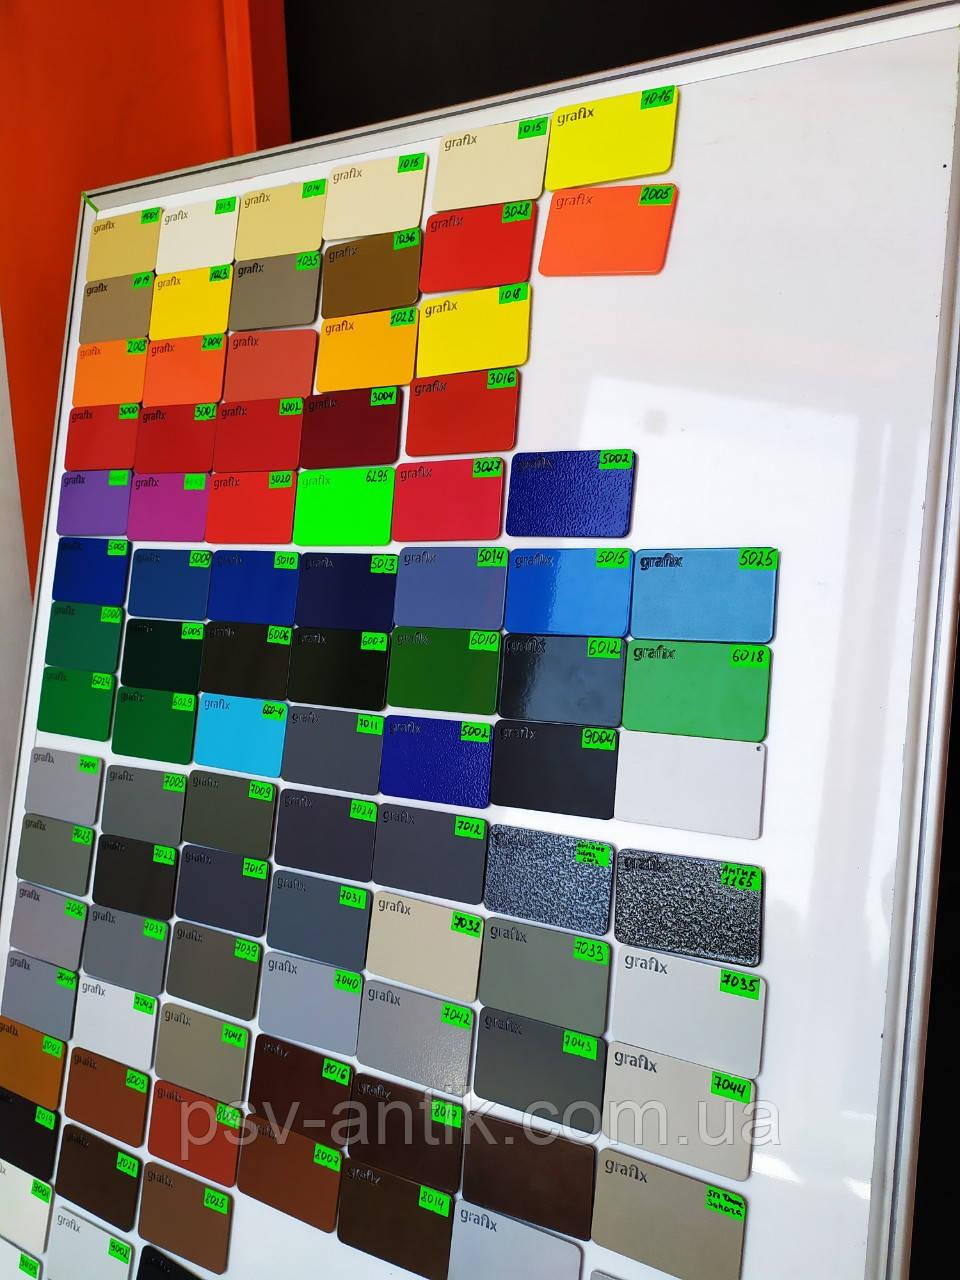 Порошковая краска матовая, полиэфирная, архитектурная, 605